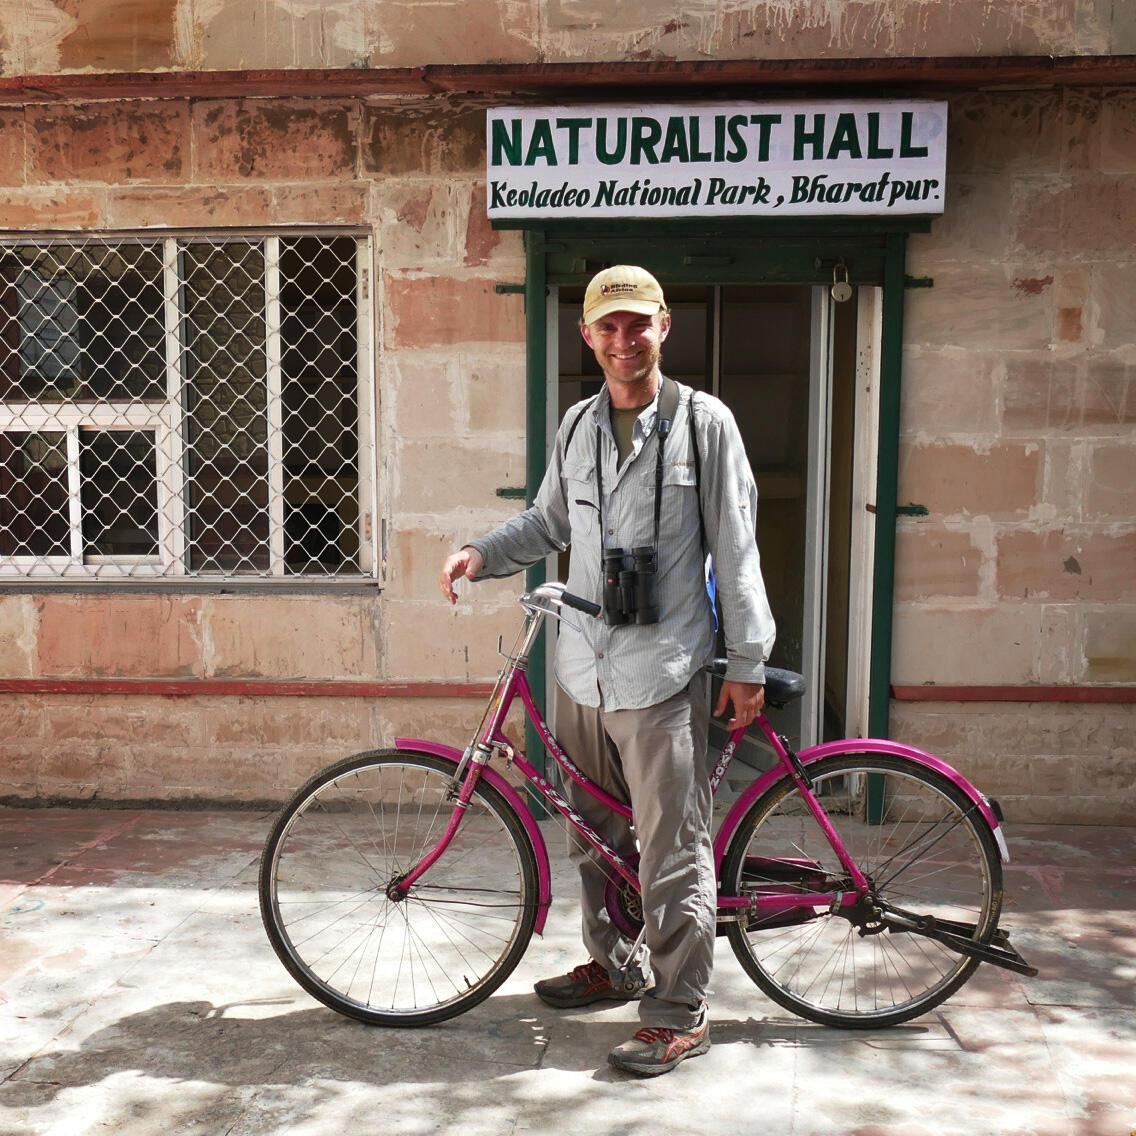 Noah and his pink bicycle. Noah Strycker